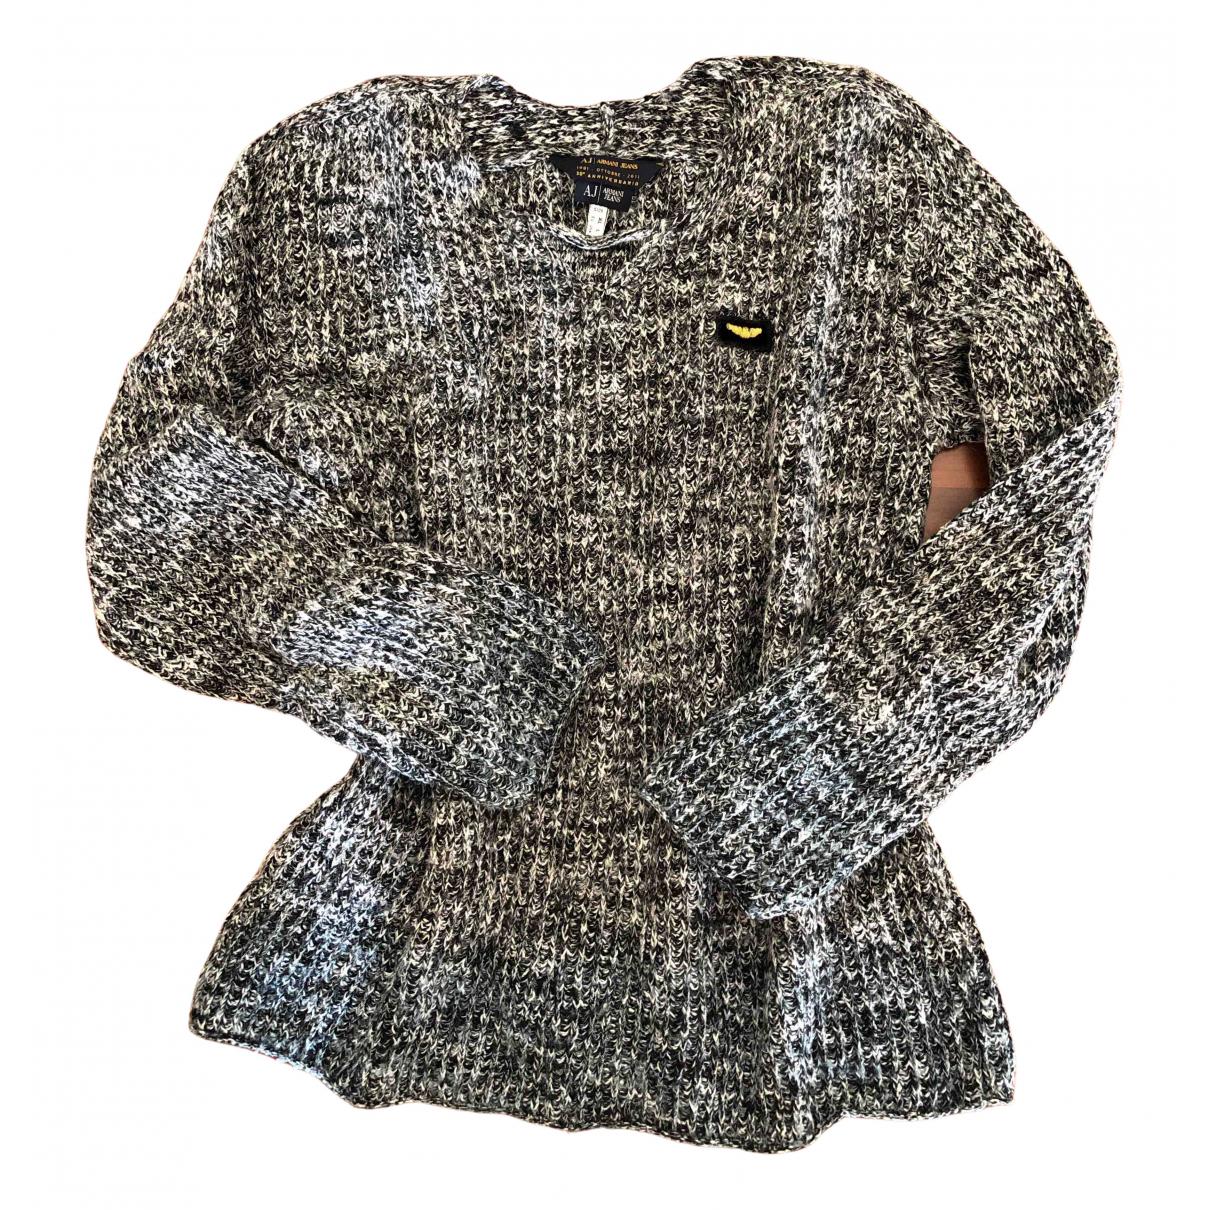 Armani Jean - Pulls.Gilets.Sweats   pour homme en laine - gris